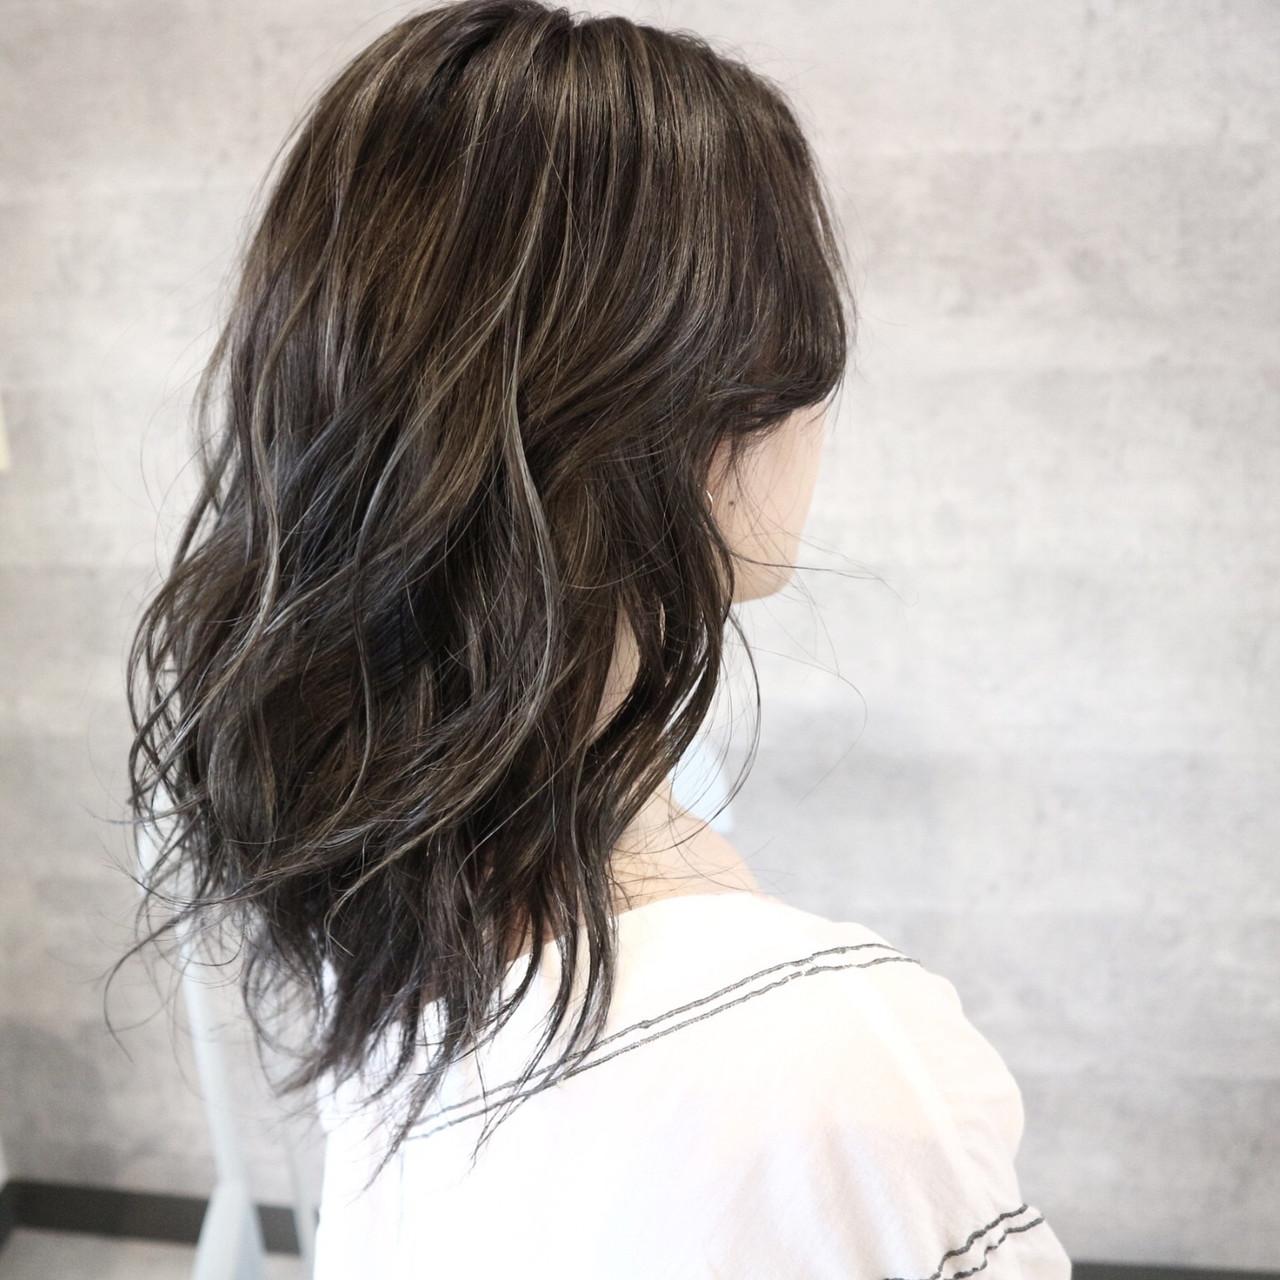 セミロング ハイライト 外国人風 外国人風カラー ヘアスタイルや髪型の写真・画像